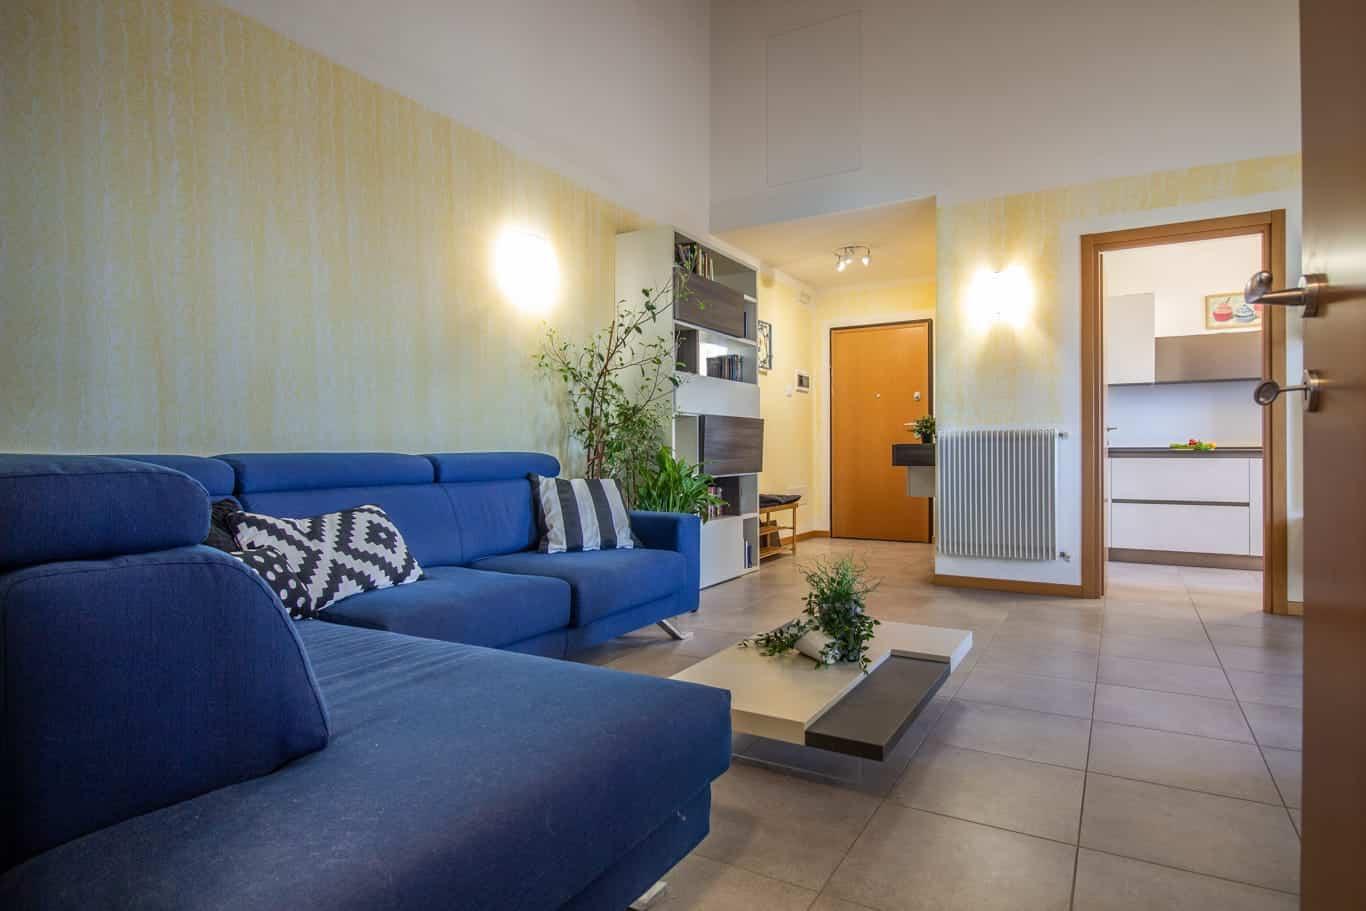 homelead-immobiliare-appartamento-vallenoncello-piazza-valle (4 of 8)